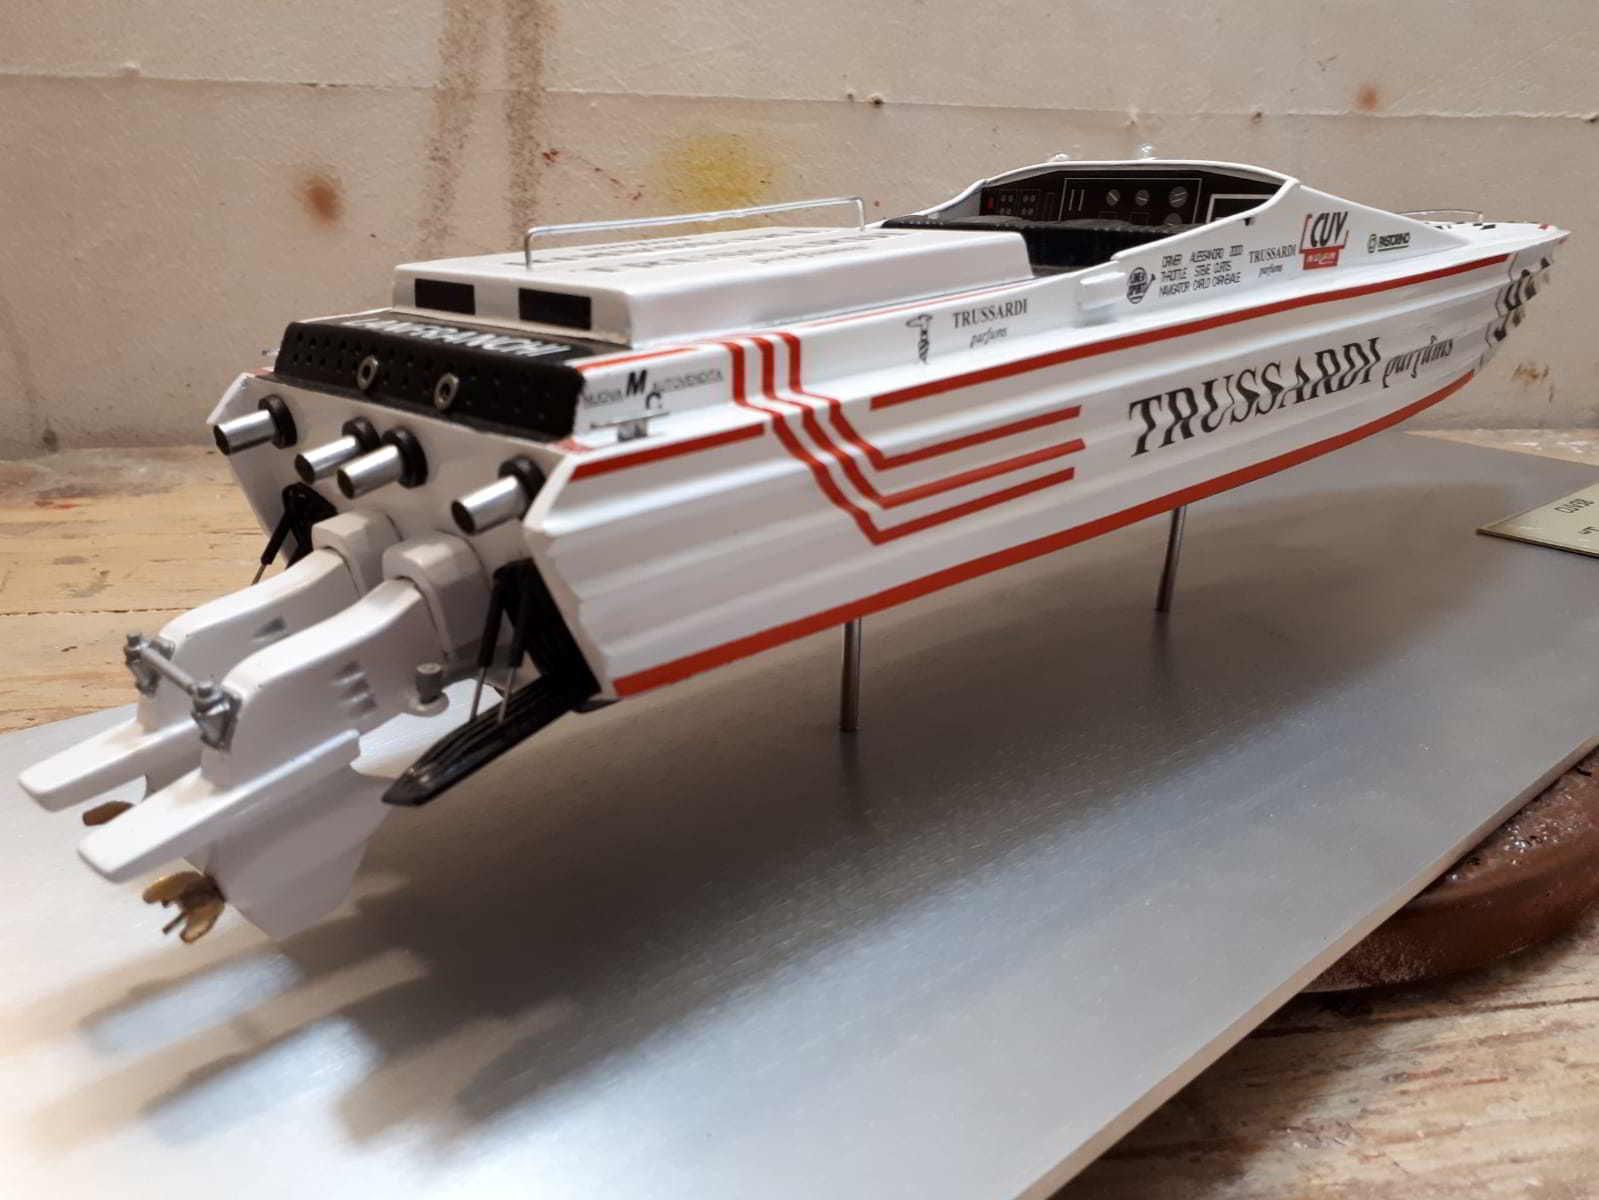 motoscafo CUV 38 - modelli navali